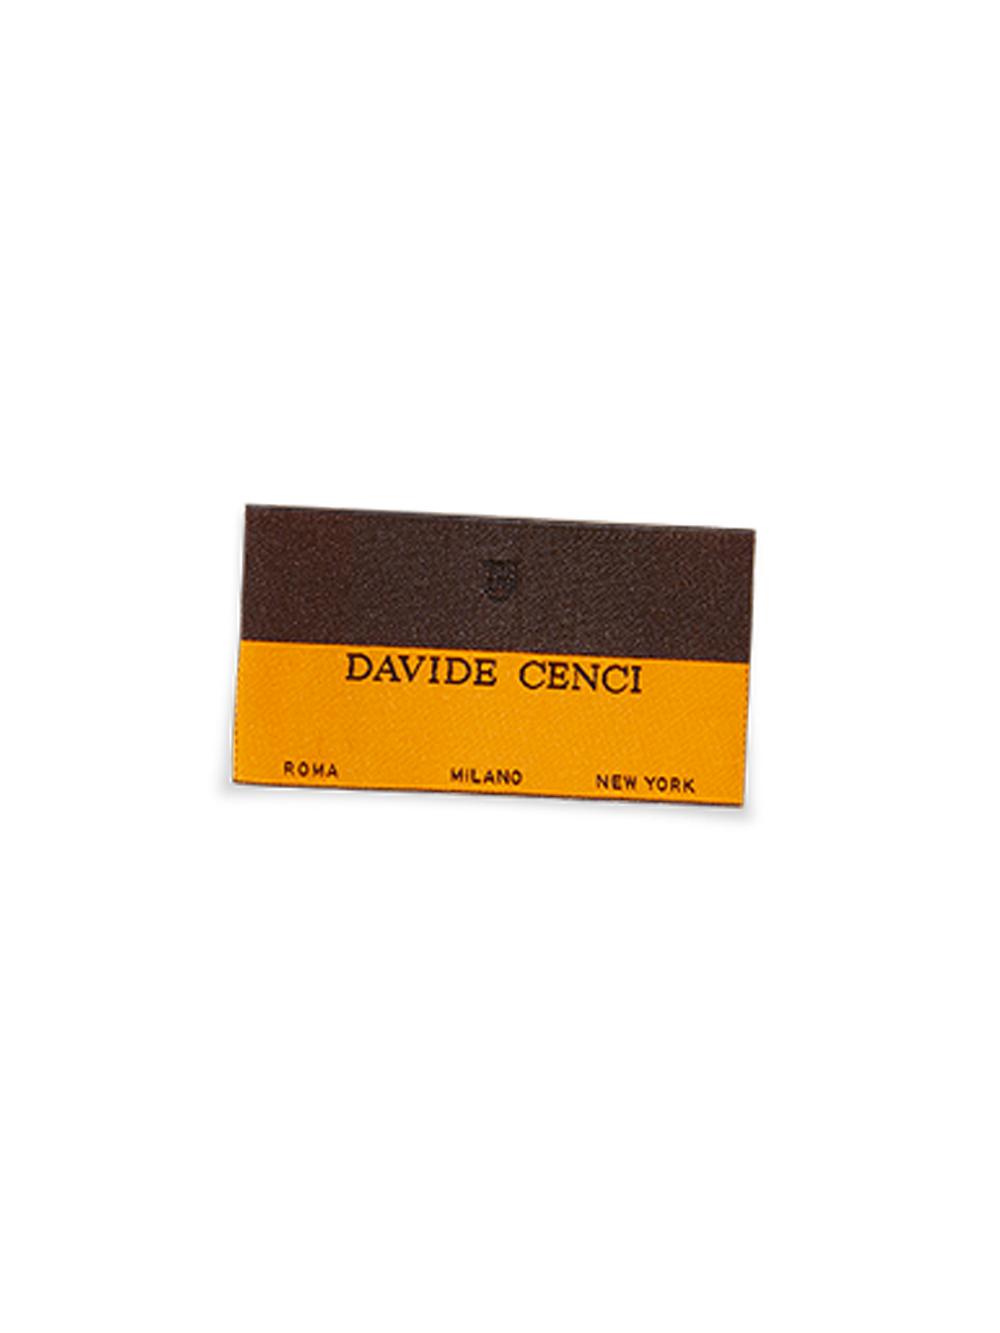 Woven bordeaux men's belt Davide Cenci